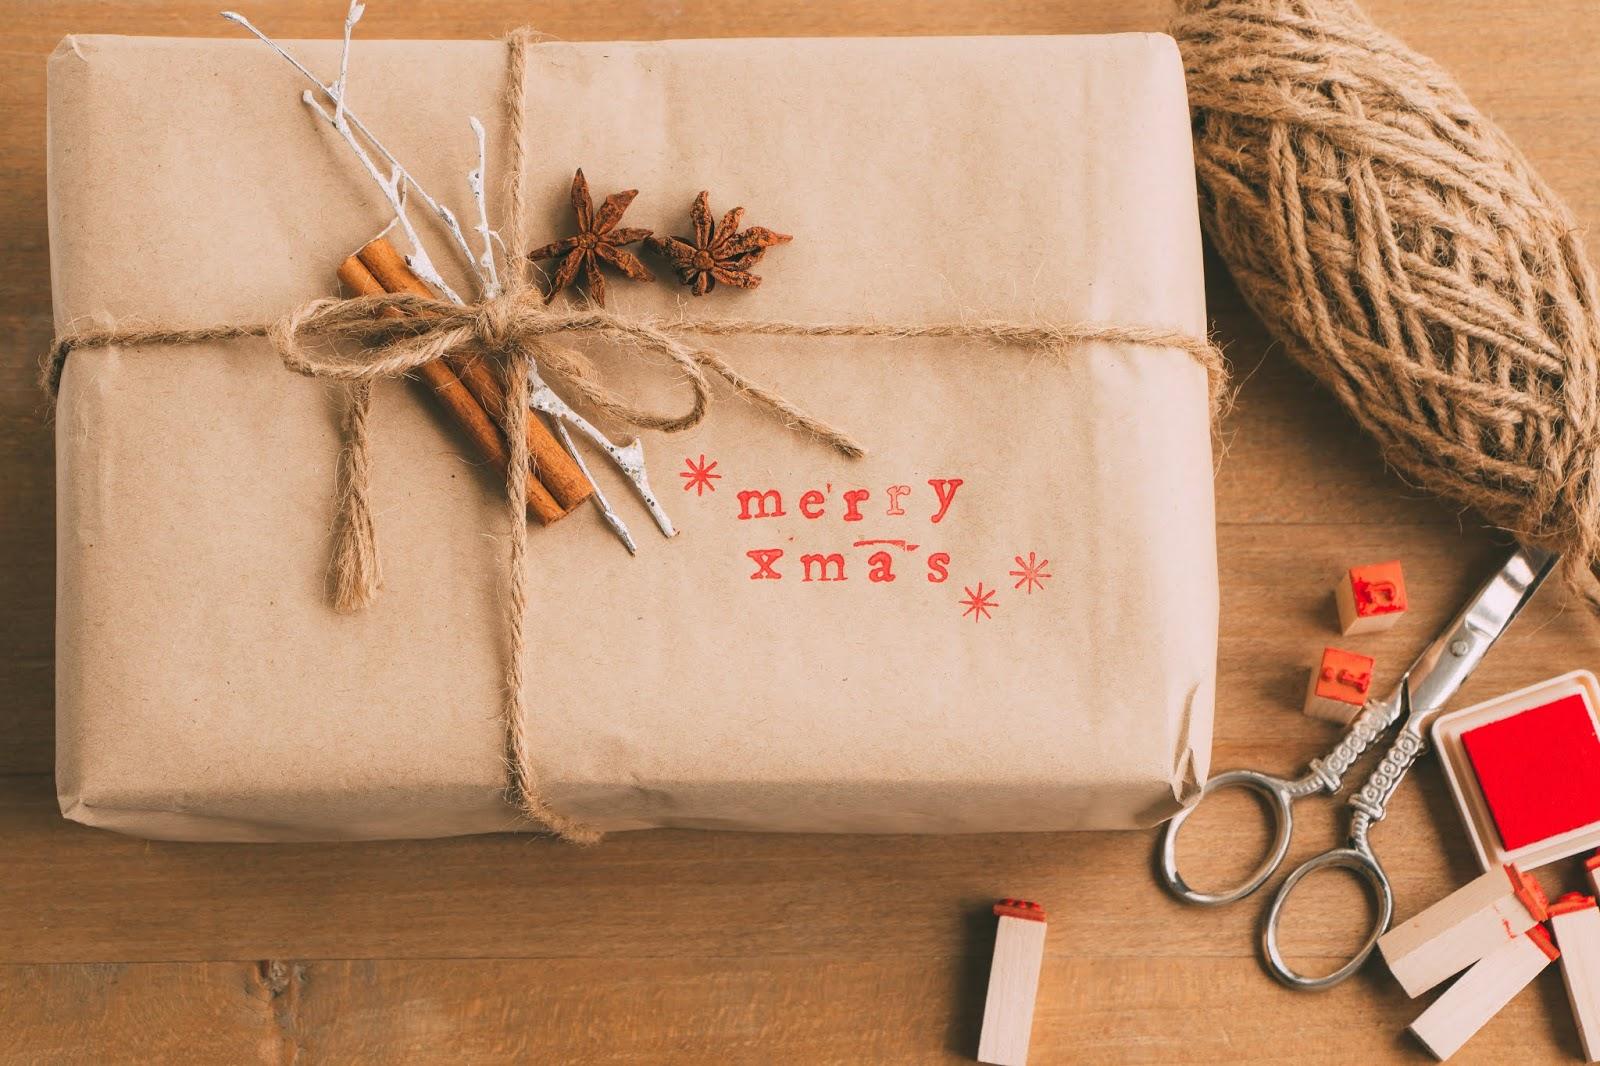 envoltorio de regalos con papel kraft, cuerda y rama de canela